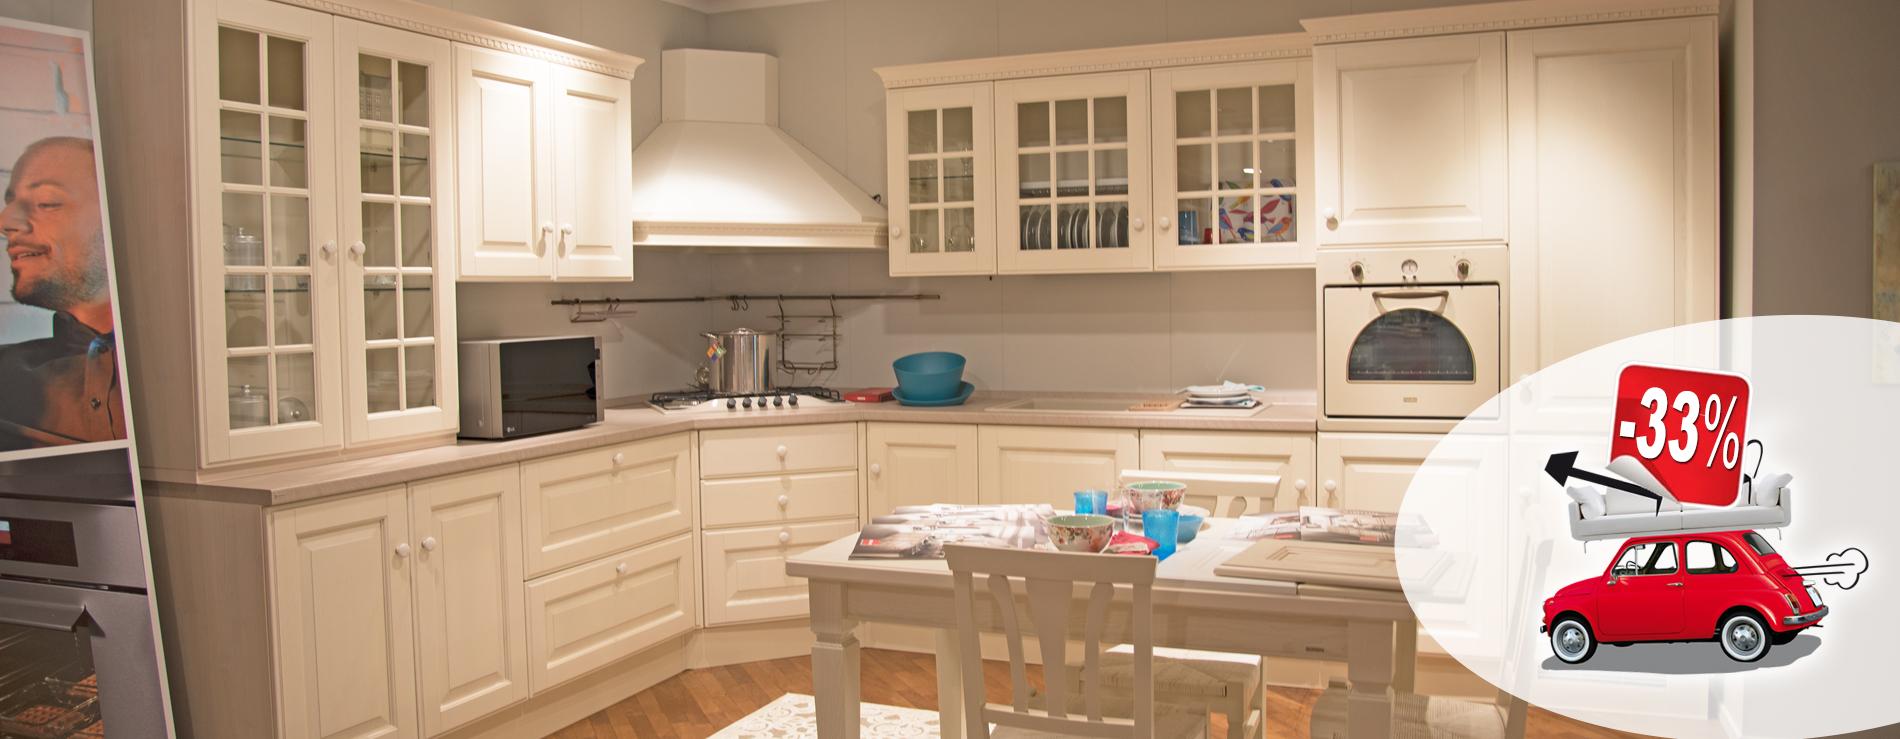 Cucina Baltimora Scavolini in promozione